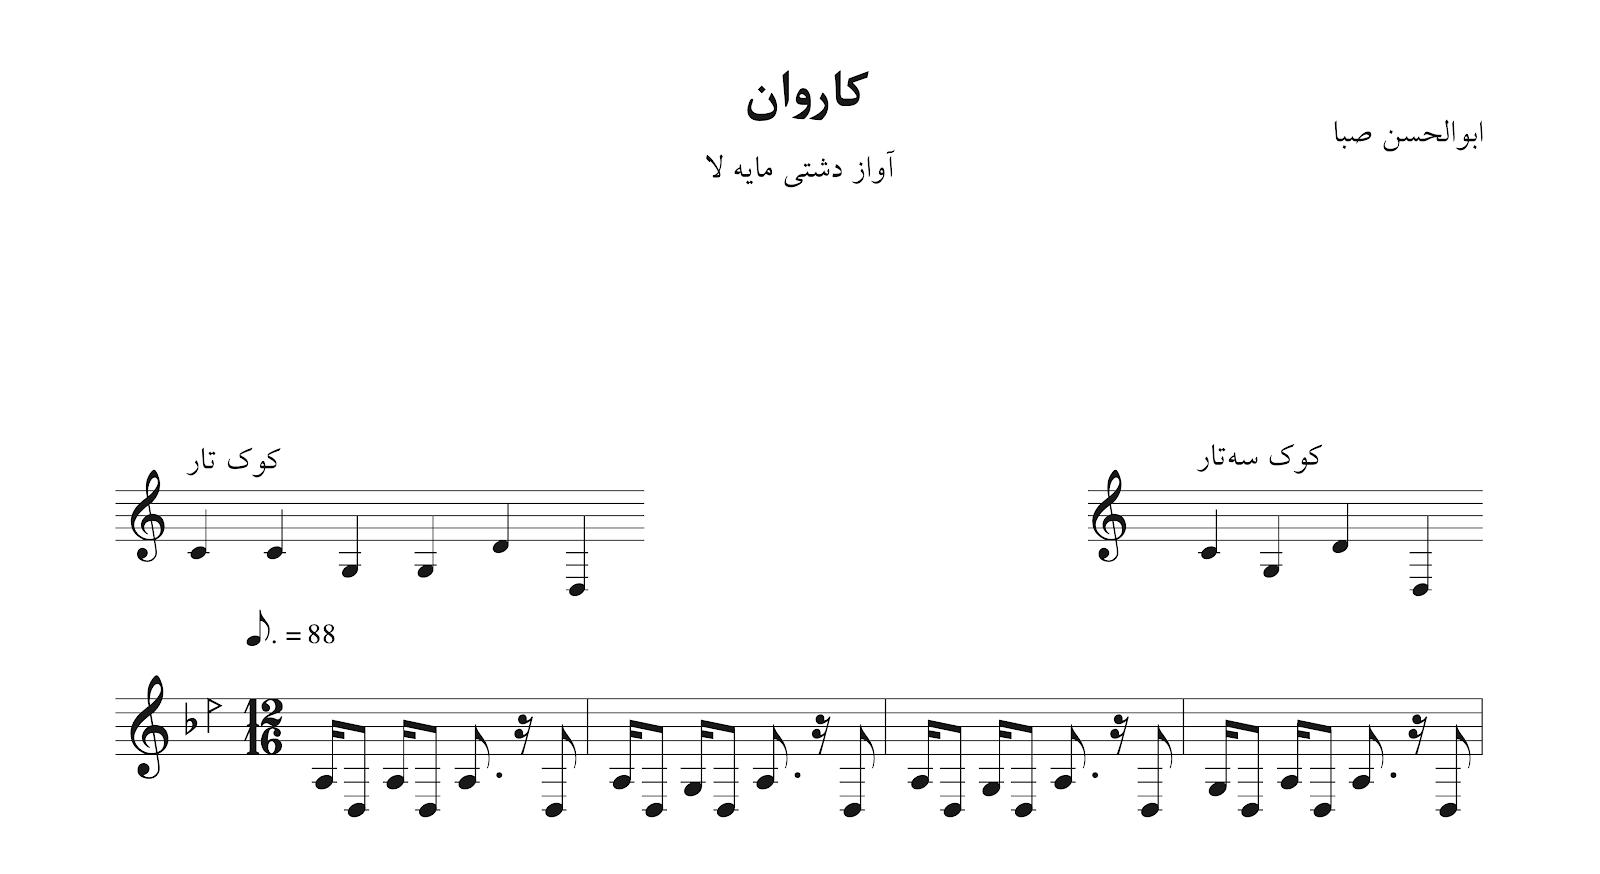 نت آهنگ کاروان استاد ابوالحسن صبا دشتی لا